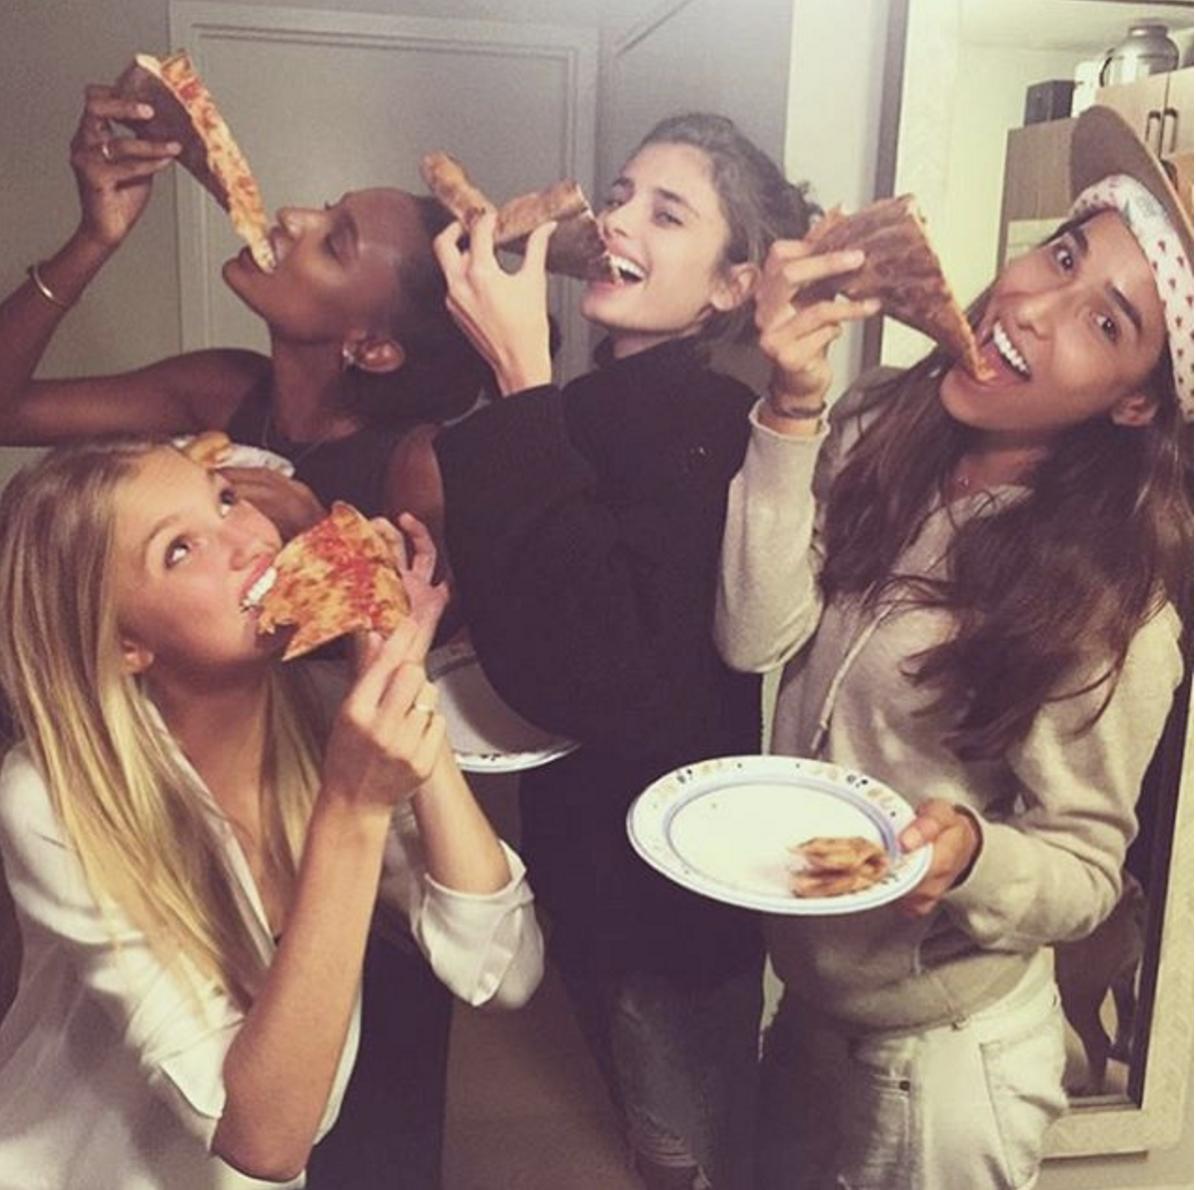 18 pizza nights happen